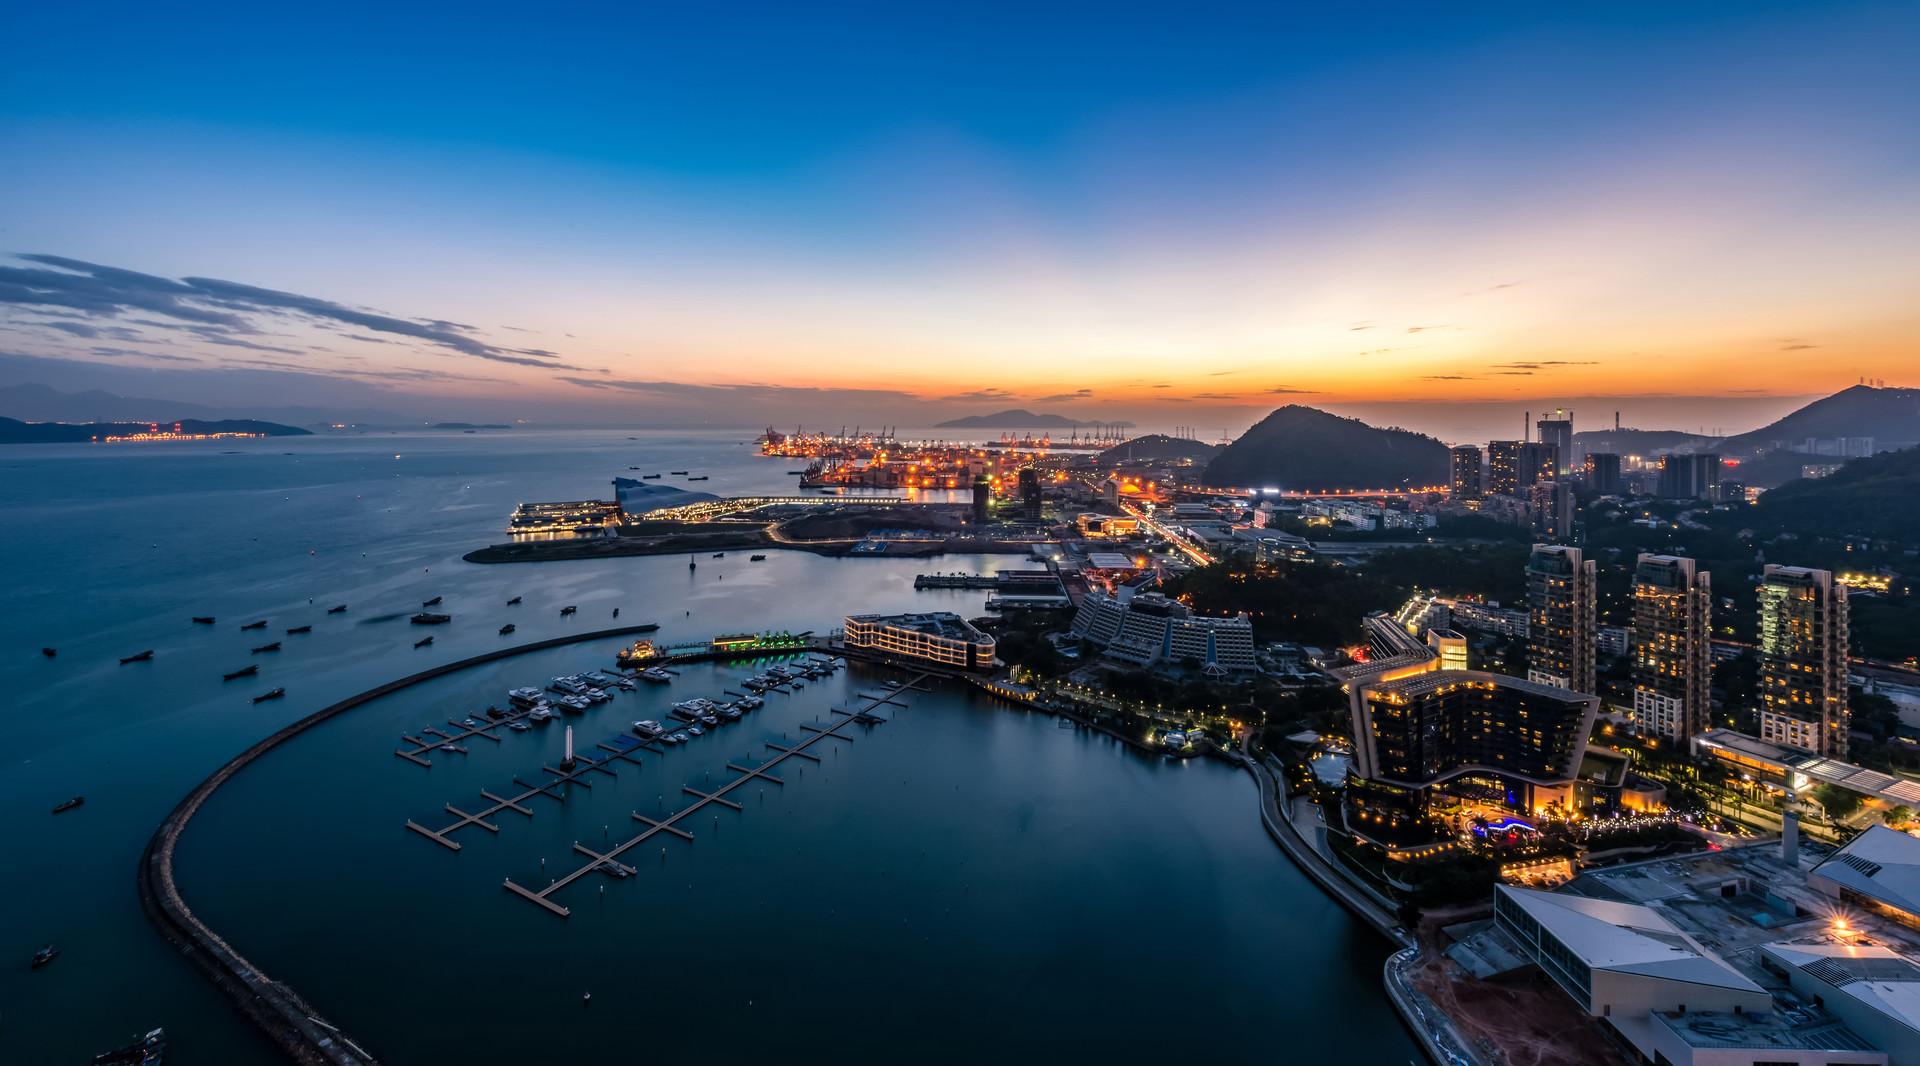 深圳深圳景点-蛇口美食-华侨城旅游网码头有特色哪些江夏图片